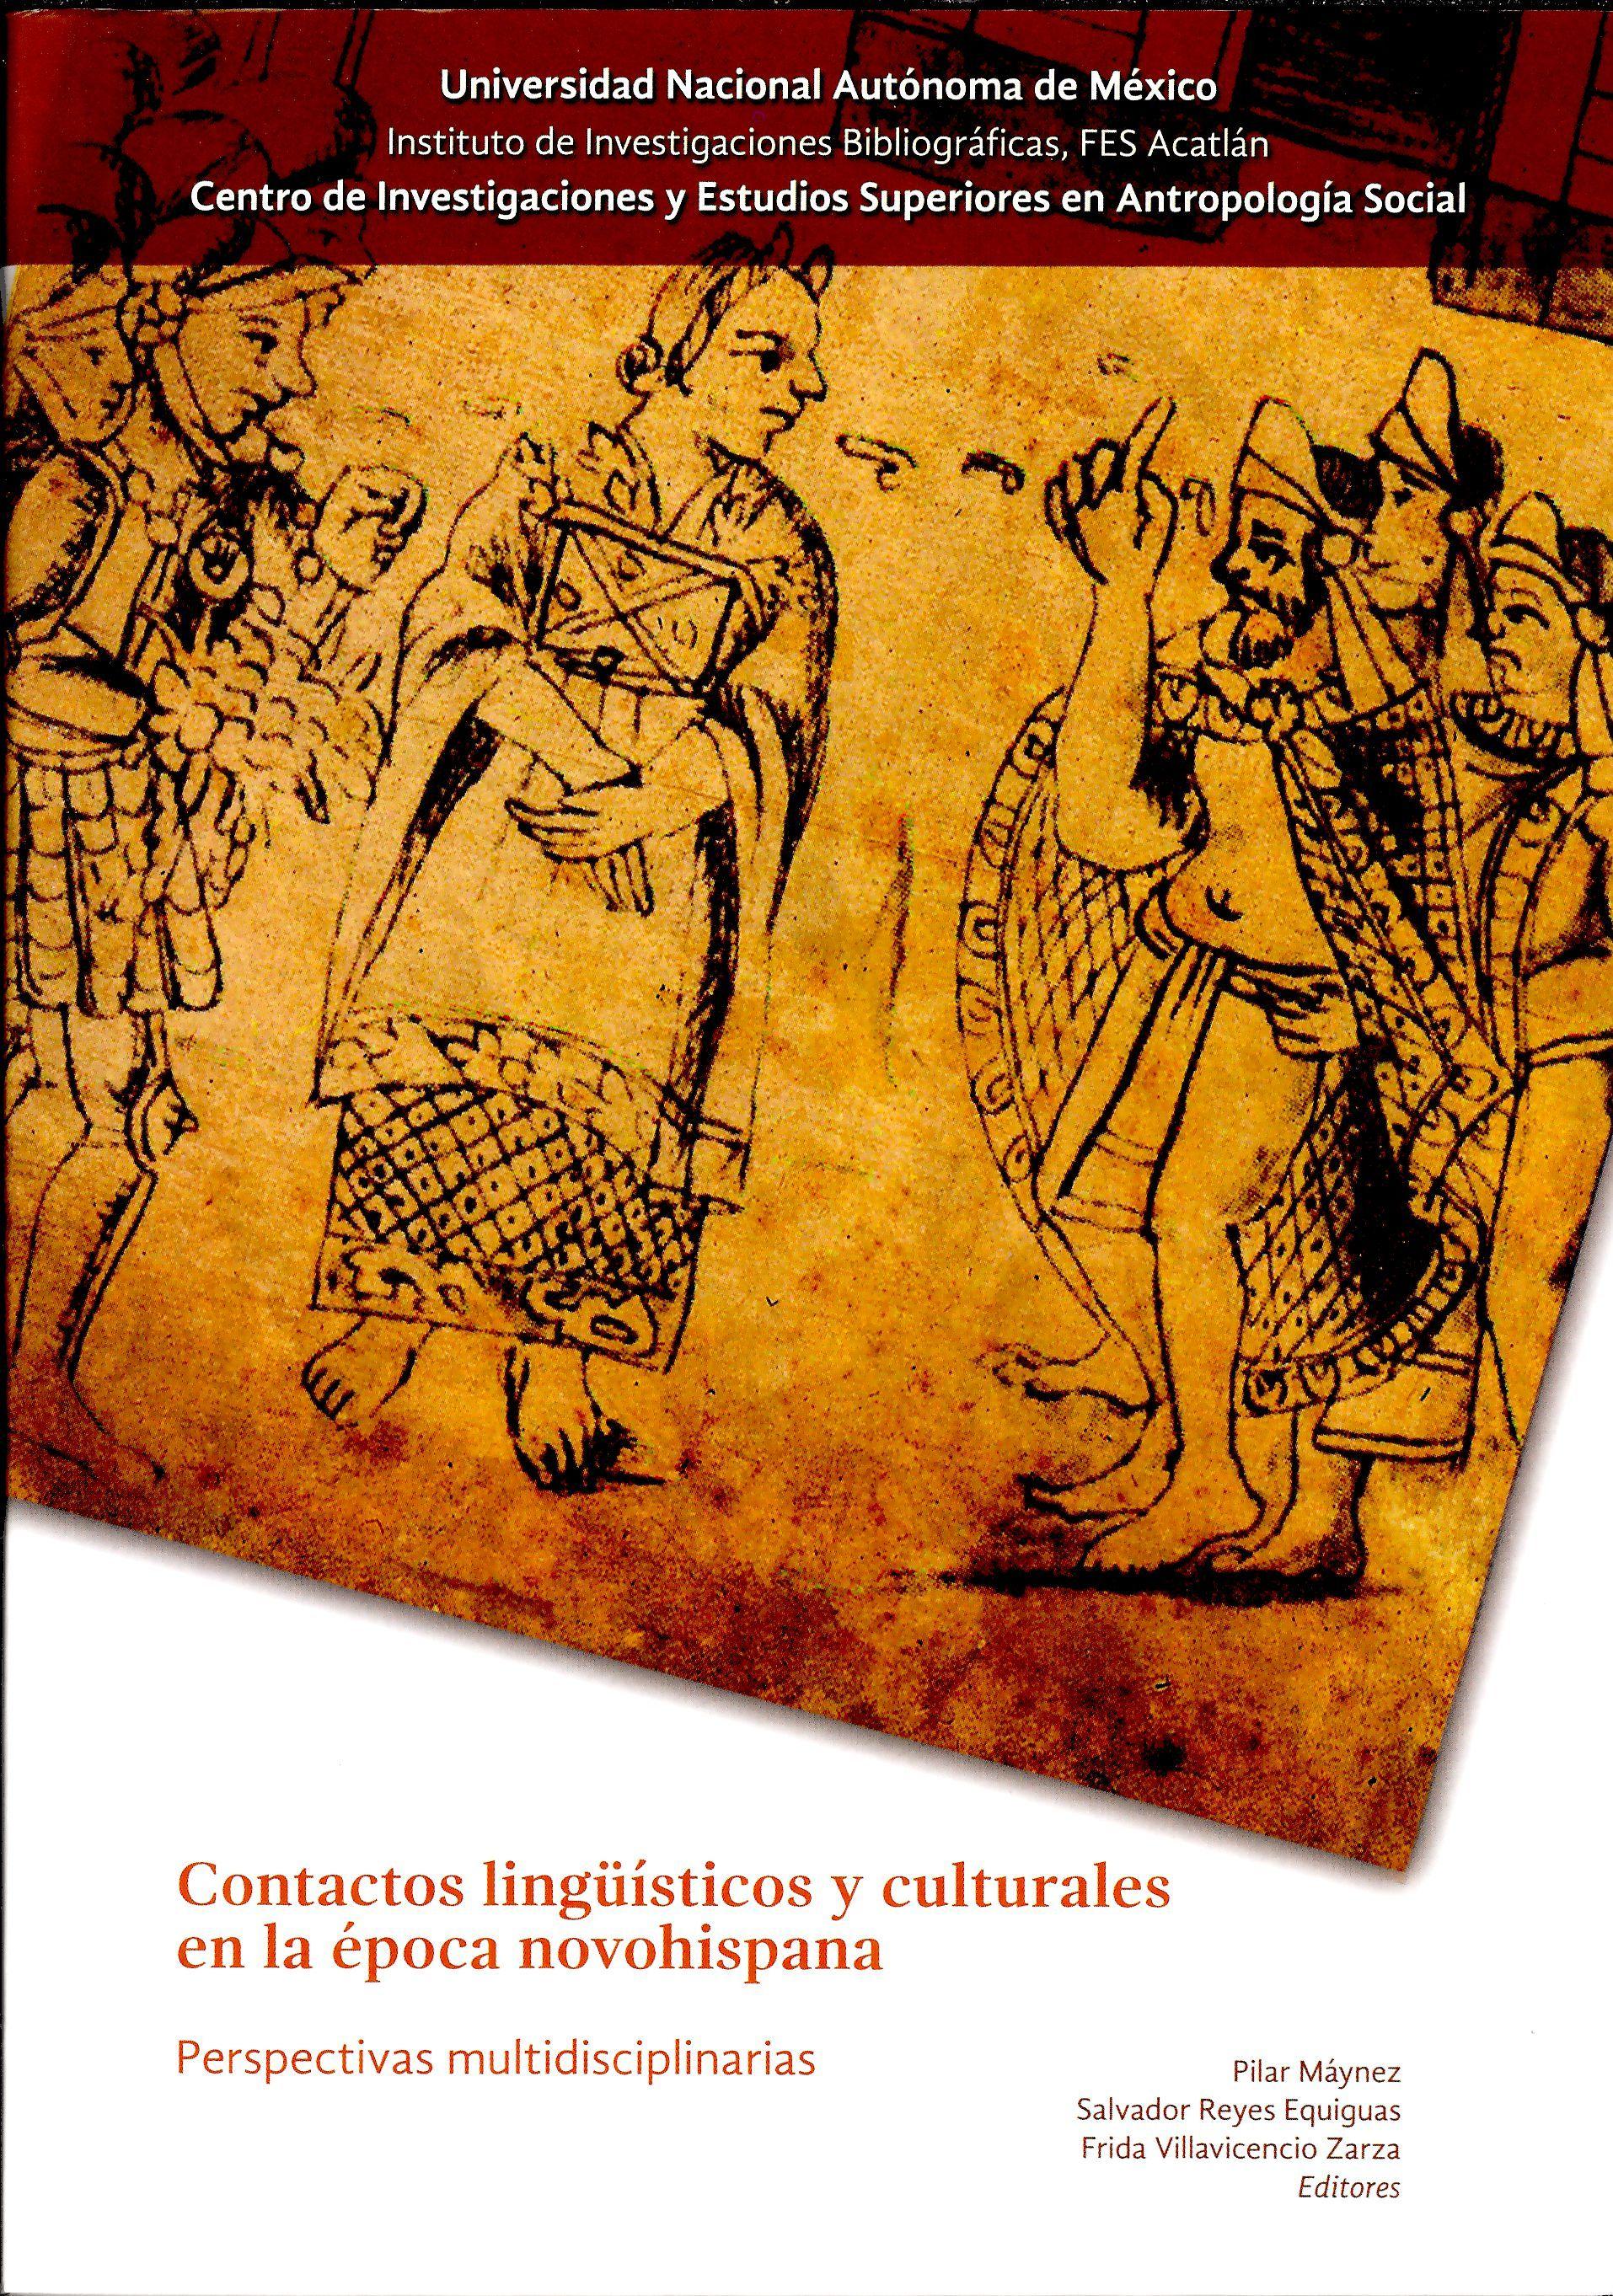 Contactos lingüísticos y culturales en la época novohispana: